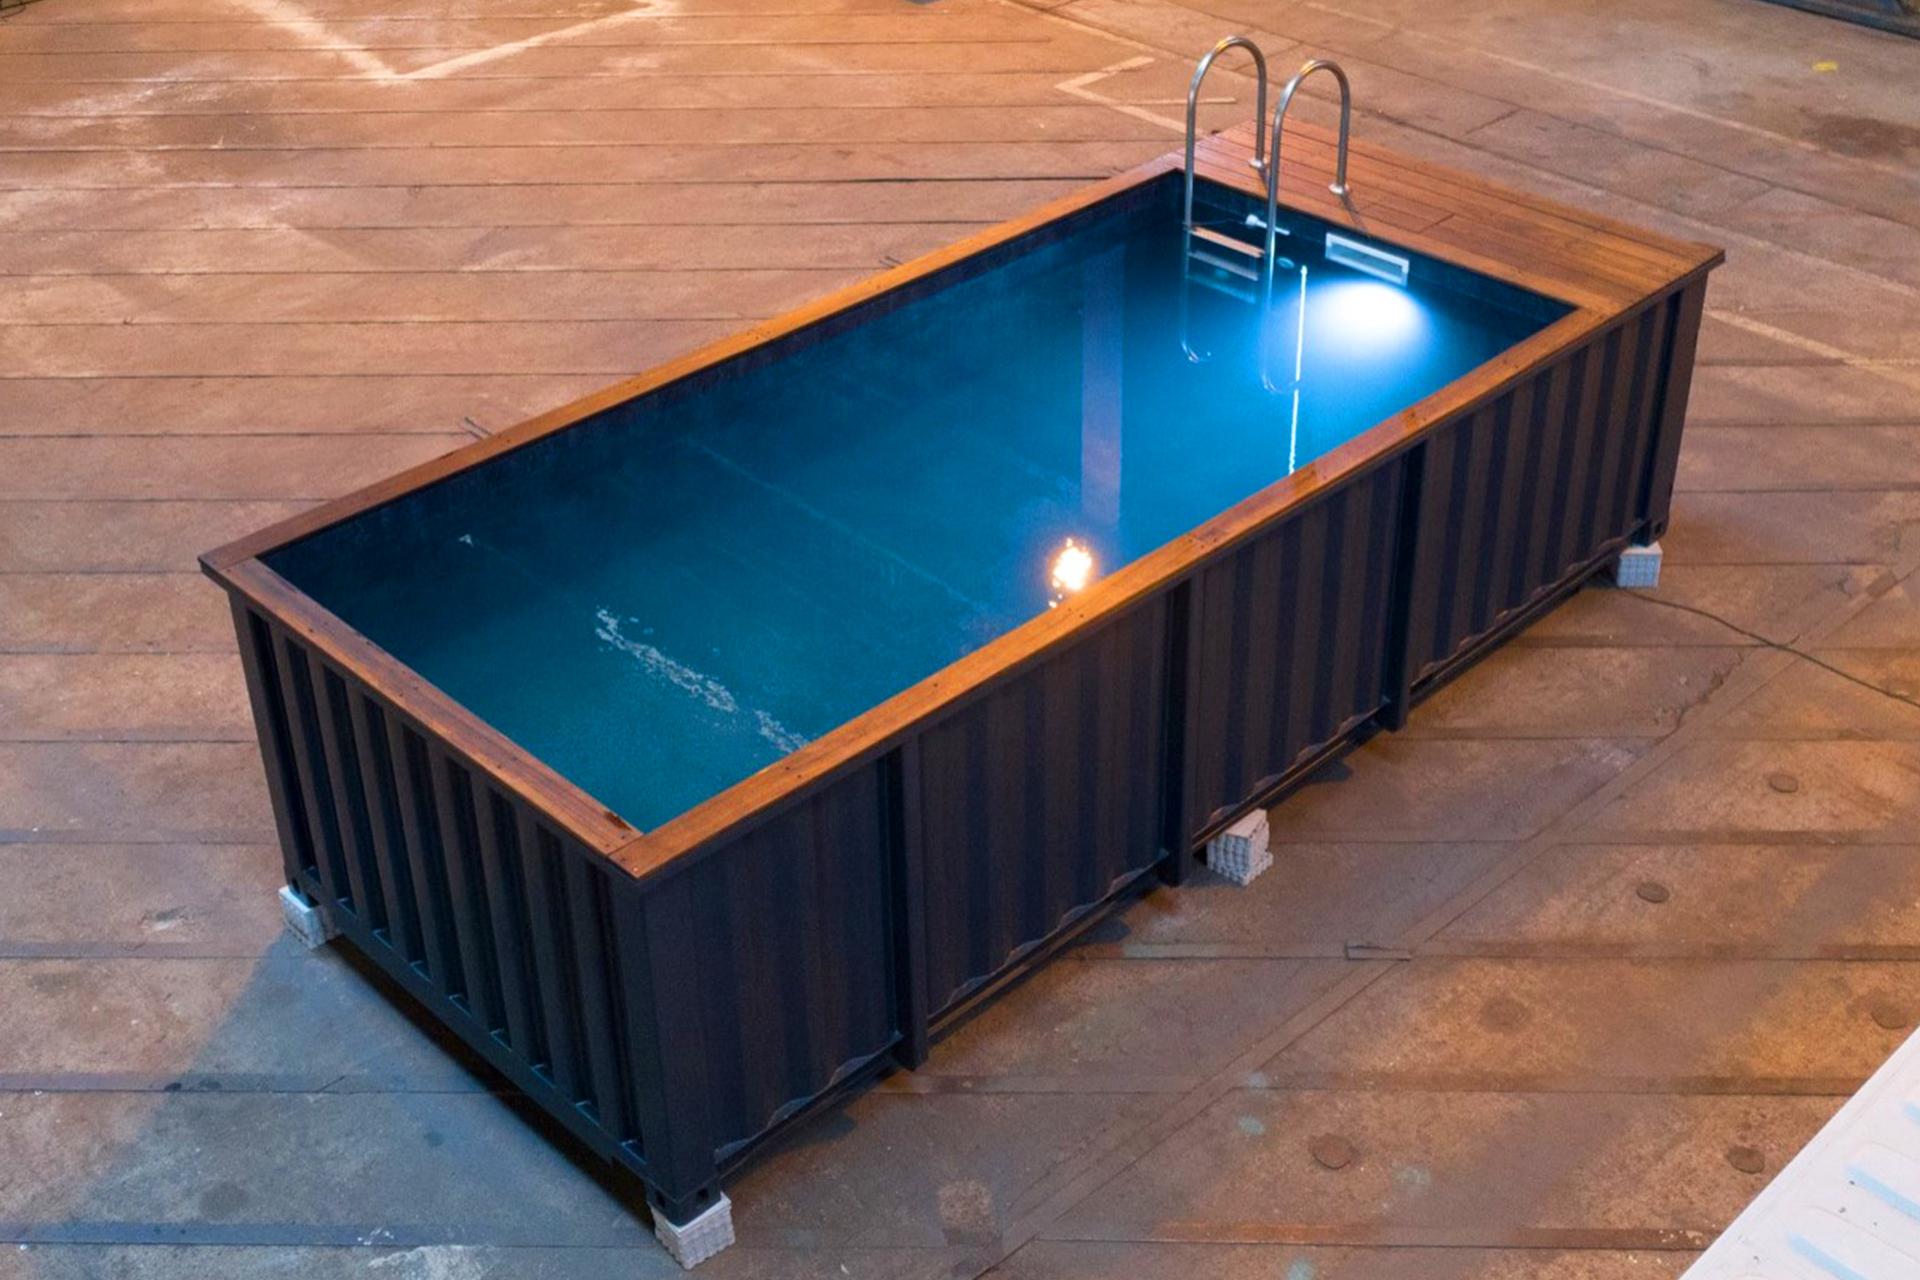 Piscine container : économique, écologique & pratique!